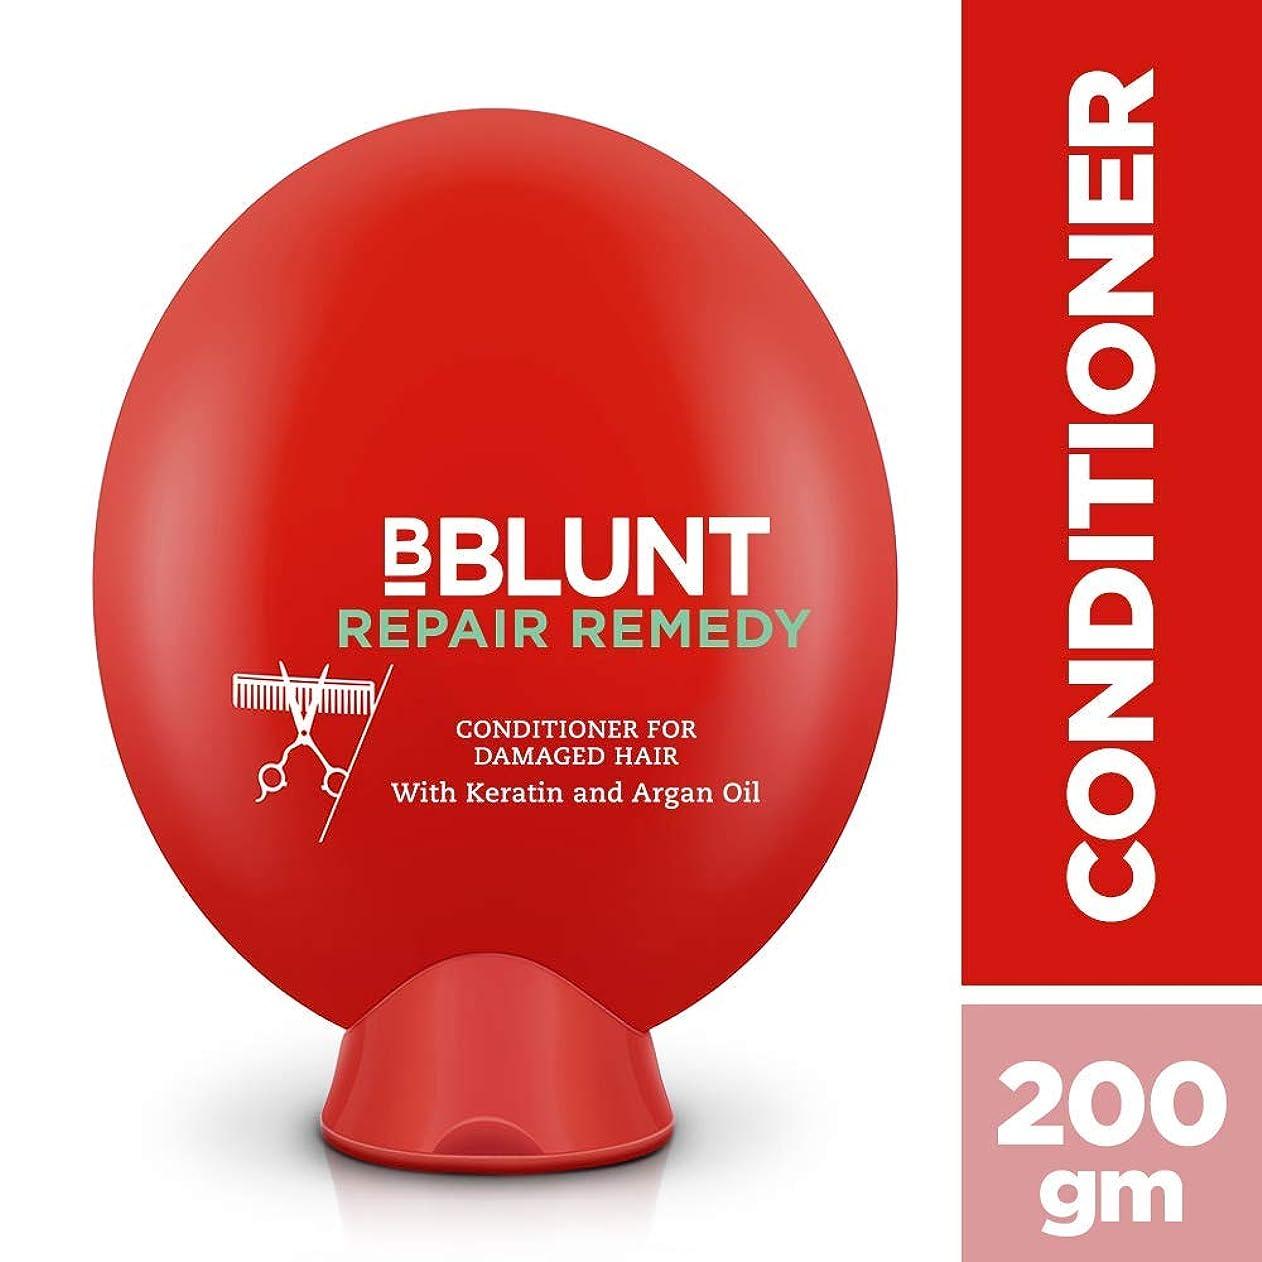 詩財団素子BBLUNT Repair Remedy Conditioner for Damaged Hair, 200g (Keratin and Argan Oil)